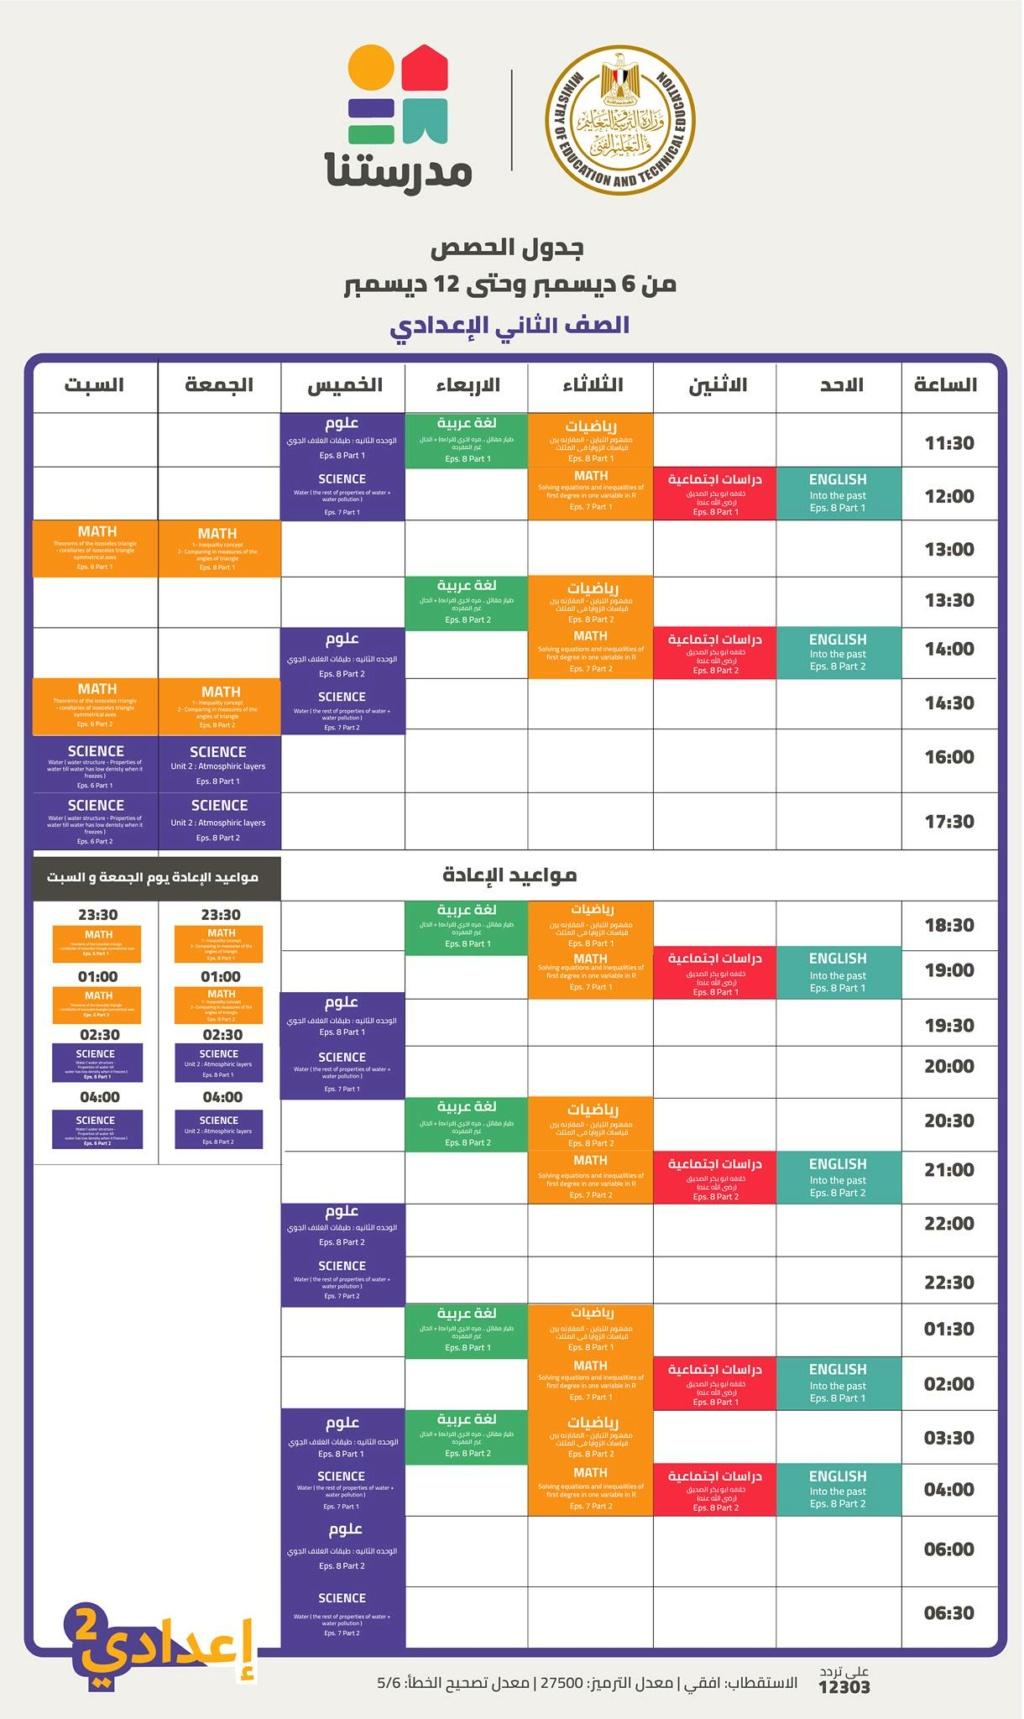 جدول حصص قناة مدرستنا الأسبوع الثامن لصفوف المرحلتين الابتدئية والاعدادية 51215